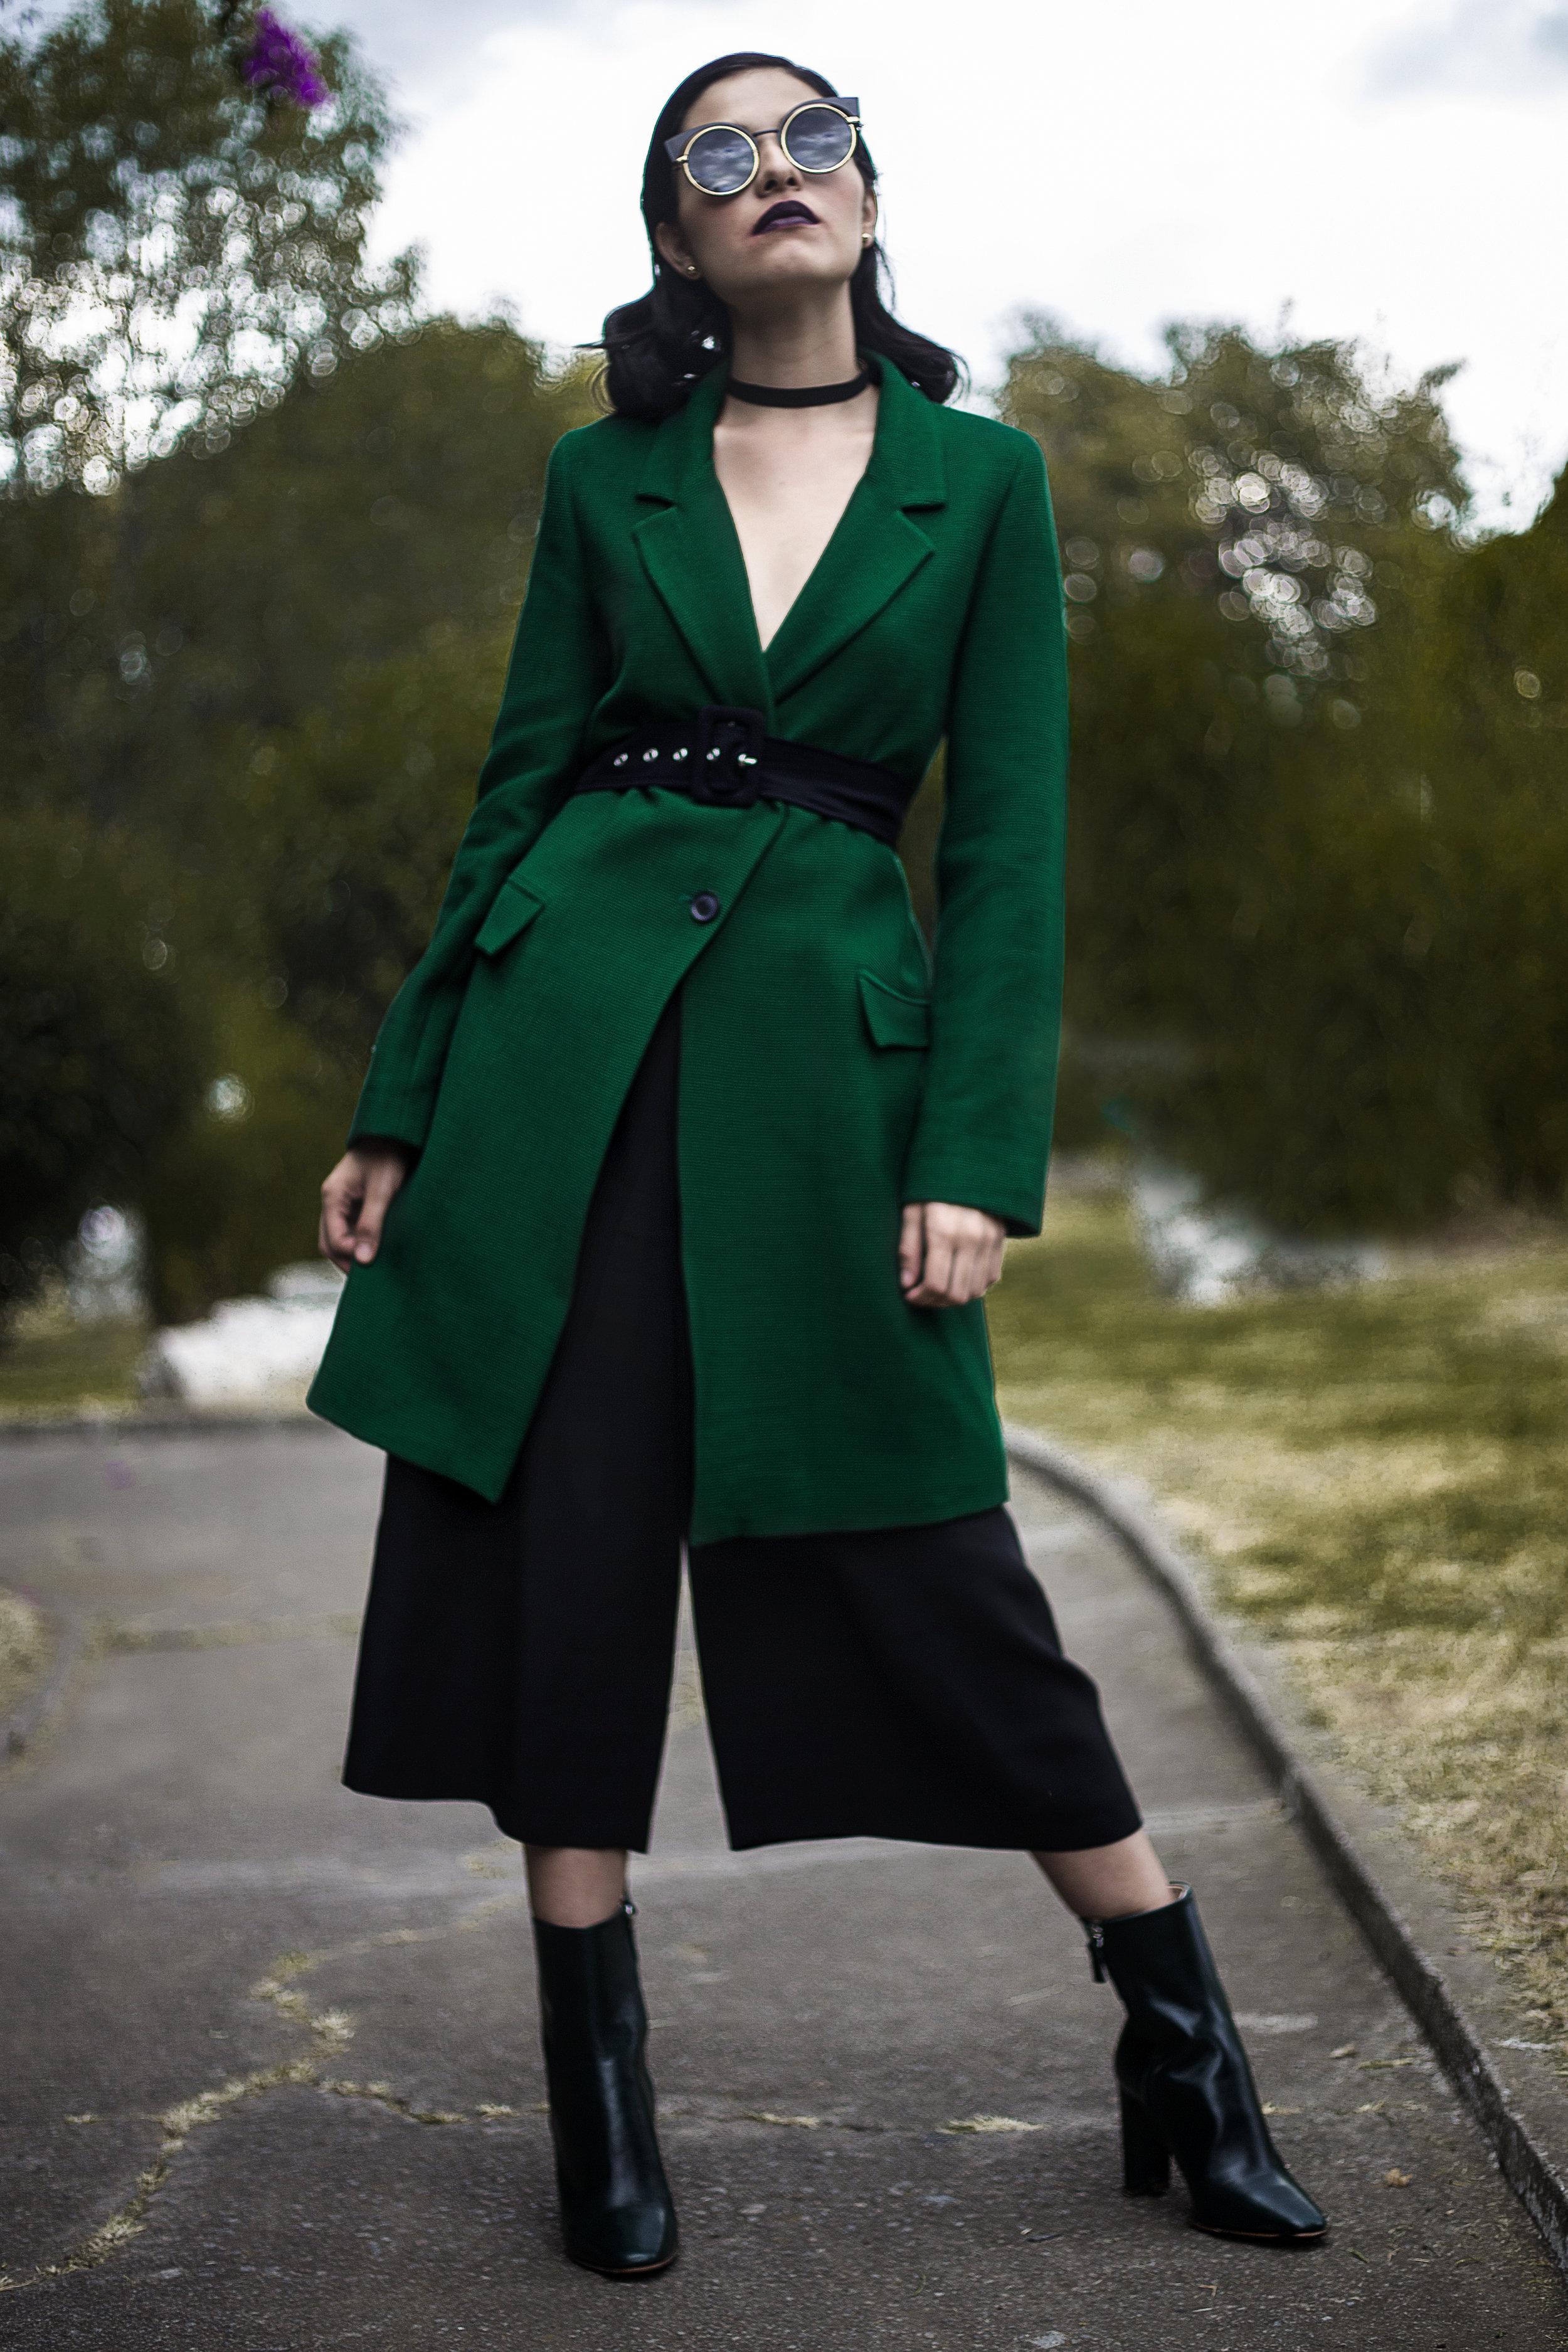 Para cubrirme de las lluvias y el frío, un abrigo oversize de ZARA.  Botas MANGO (En la foto no se distingue pero son verdes) ¡LAS AMOOOOO!